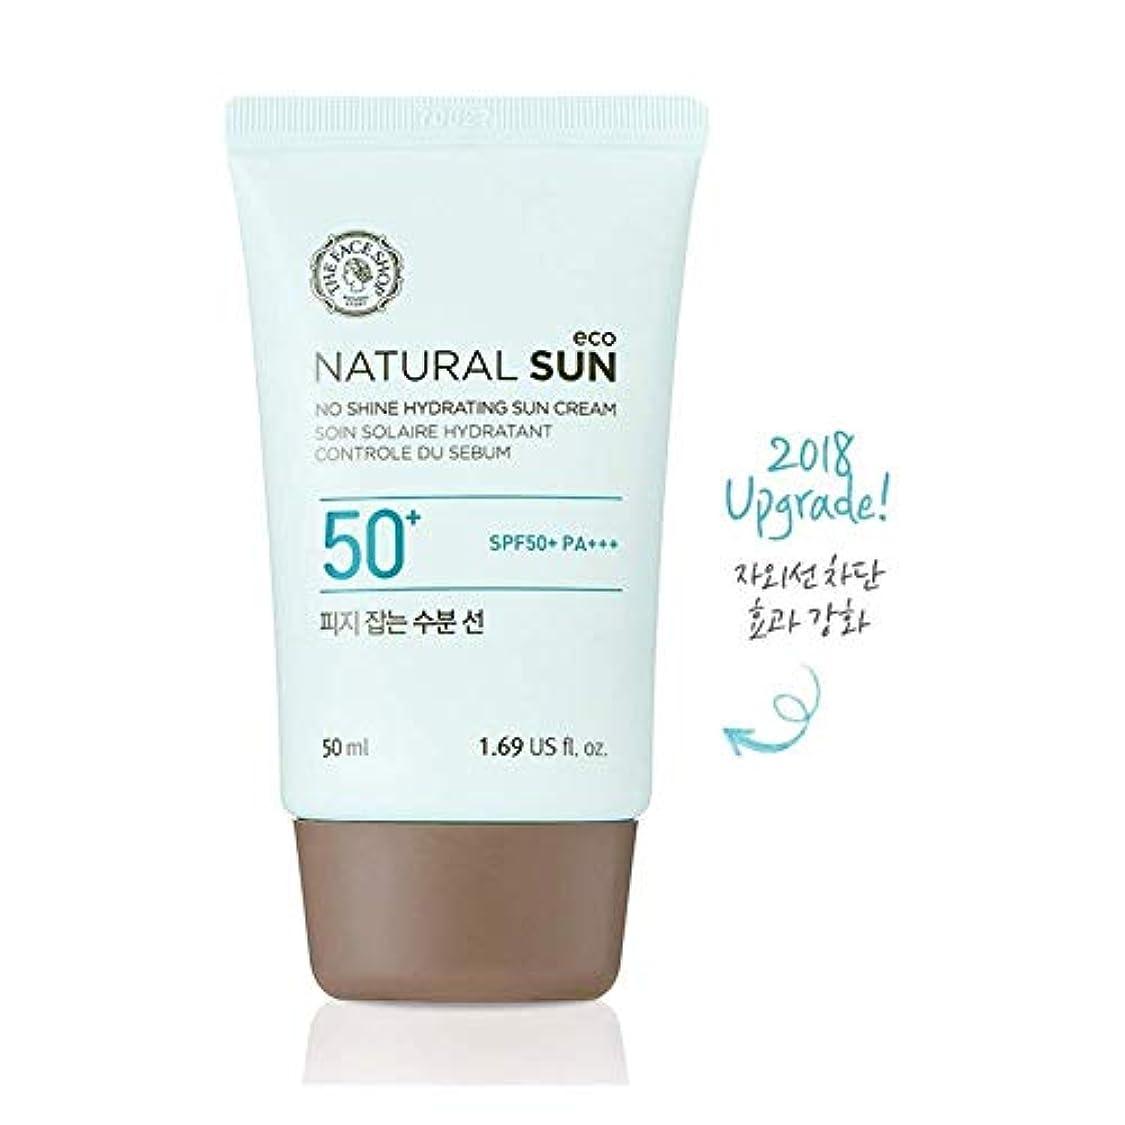 変位本当に妖精ザ?フェイスショップ ネチュロルソンエコフィジーサン?クリーム SPF50+PA+++50ml 韓国コスメ、The Face Shop Natural Sun Eco No Shine Hydrating Sun Cream...